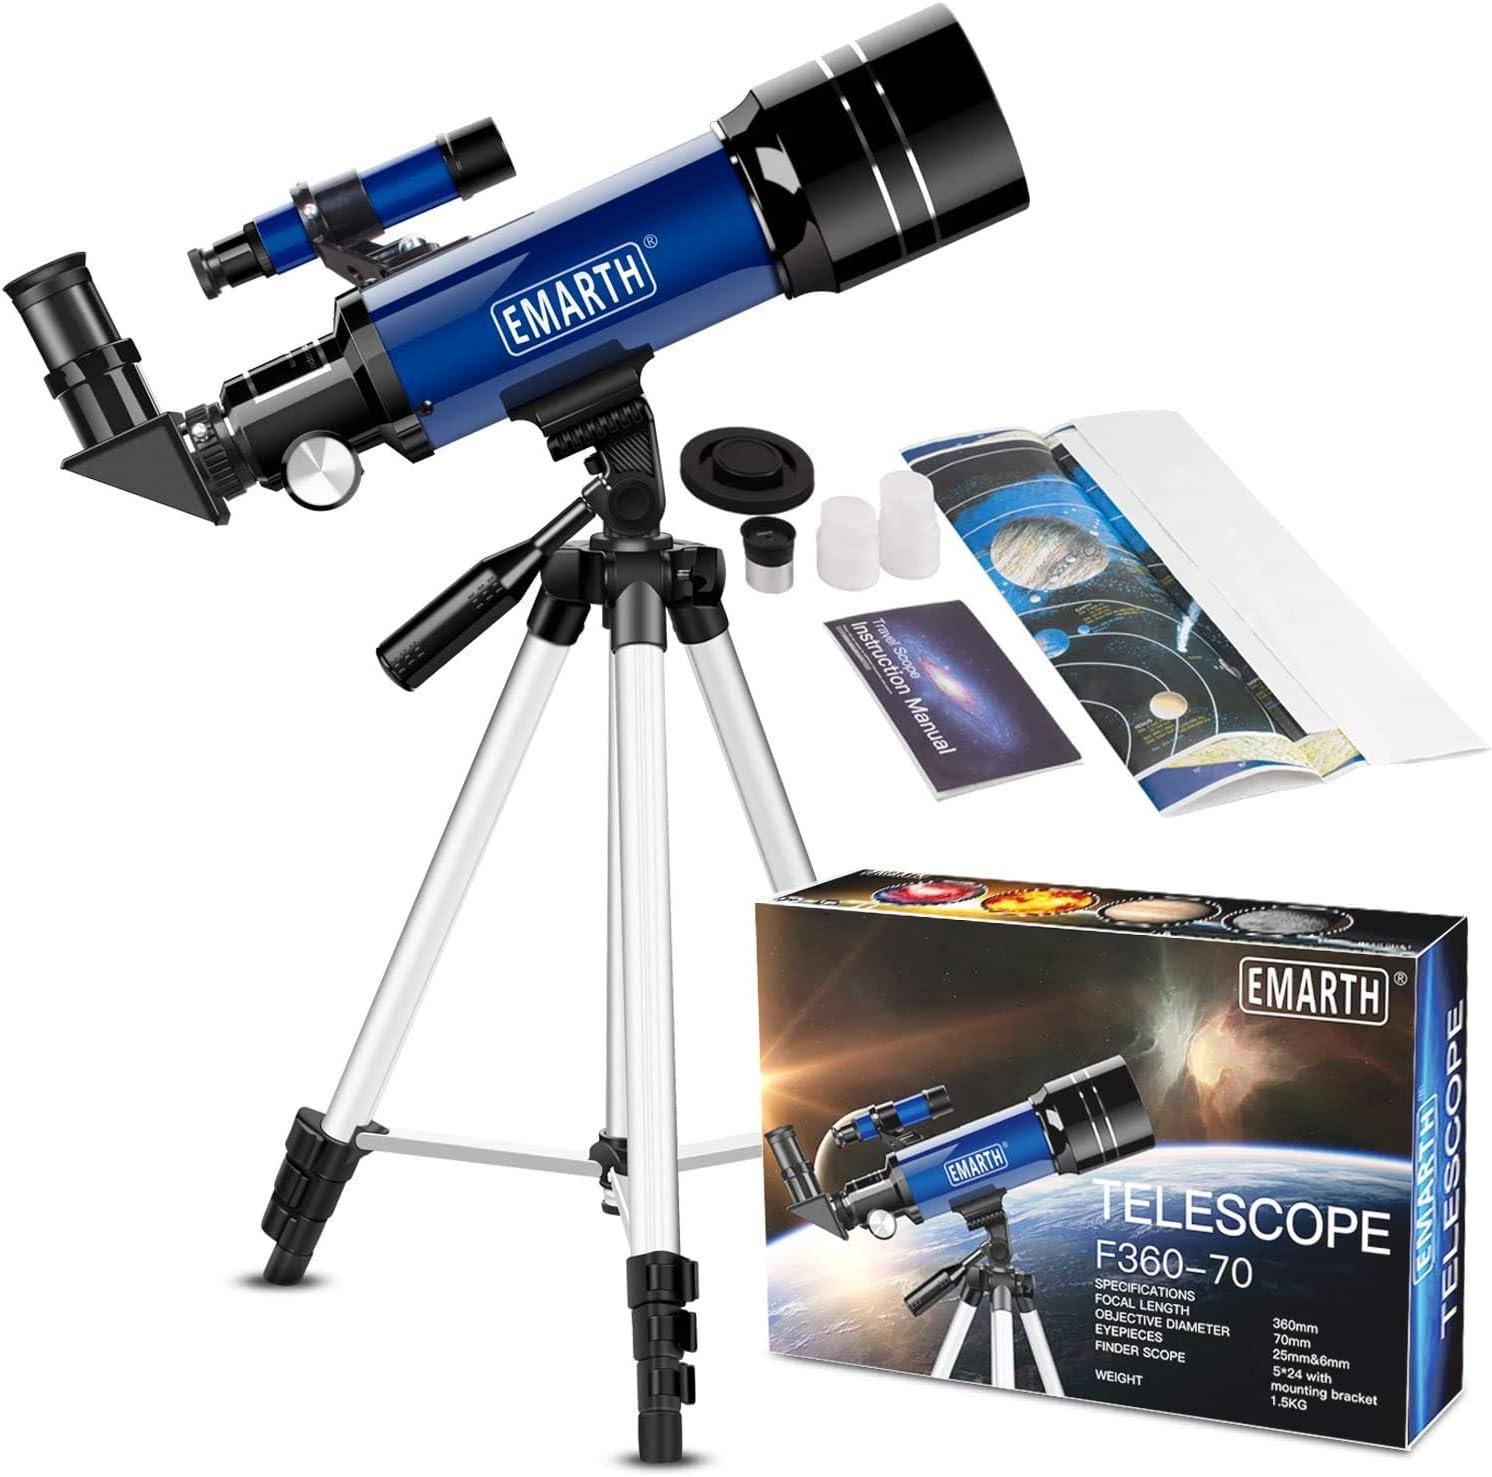 Emarth Teleskop Für Kinder Und Einsteiger Für Kamera